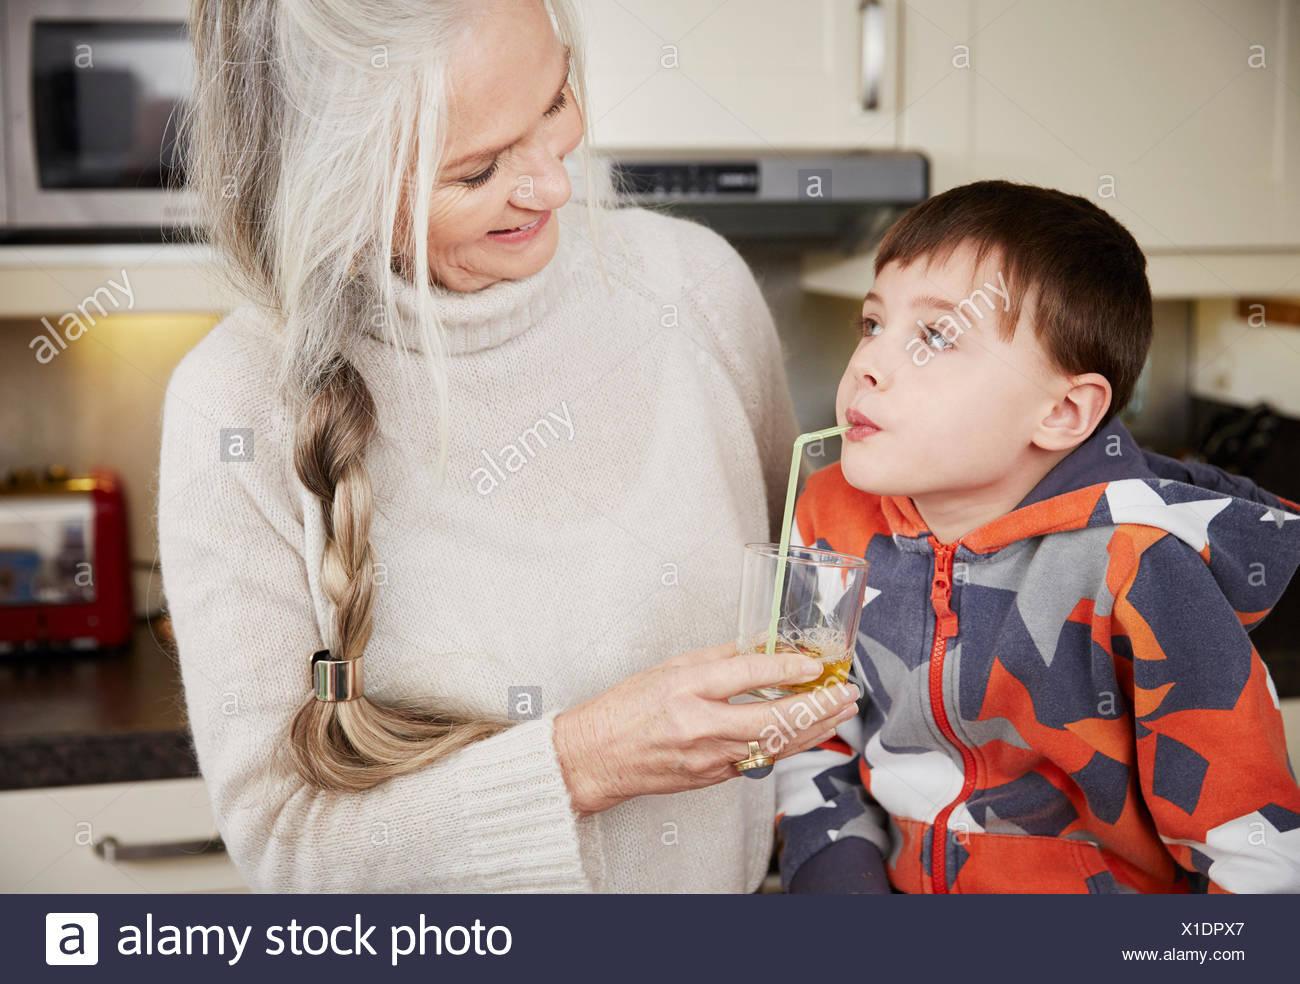 Nonna nipote che offre drink Immagini Stock